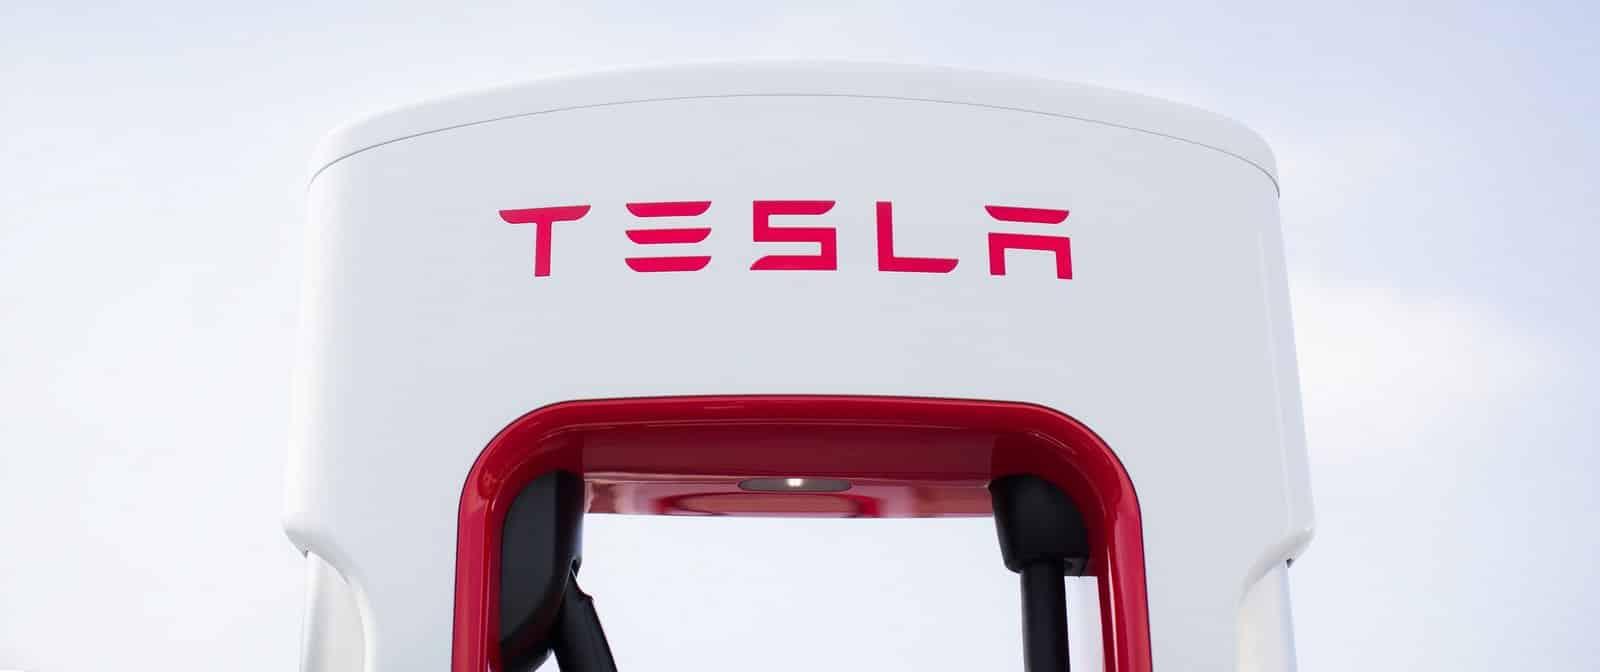 Após compra, Tesla já garantiu 40% de lucro com Bitcoin